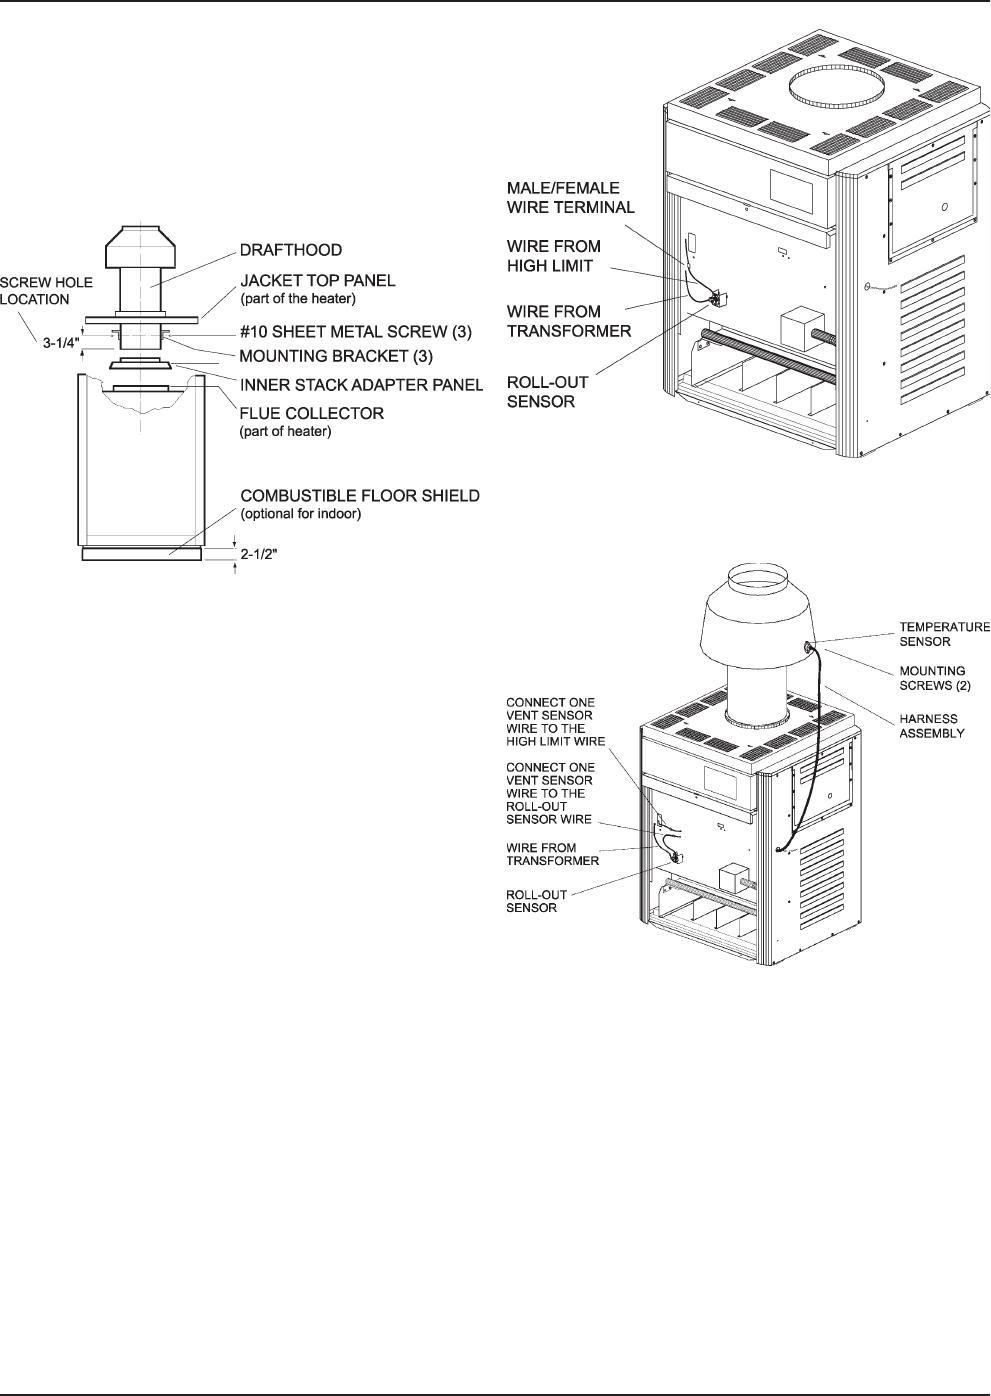 Effikal vent d er wiring diagram work cable wire diagram asset c effikal vent d er wiring diagramhtml